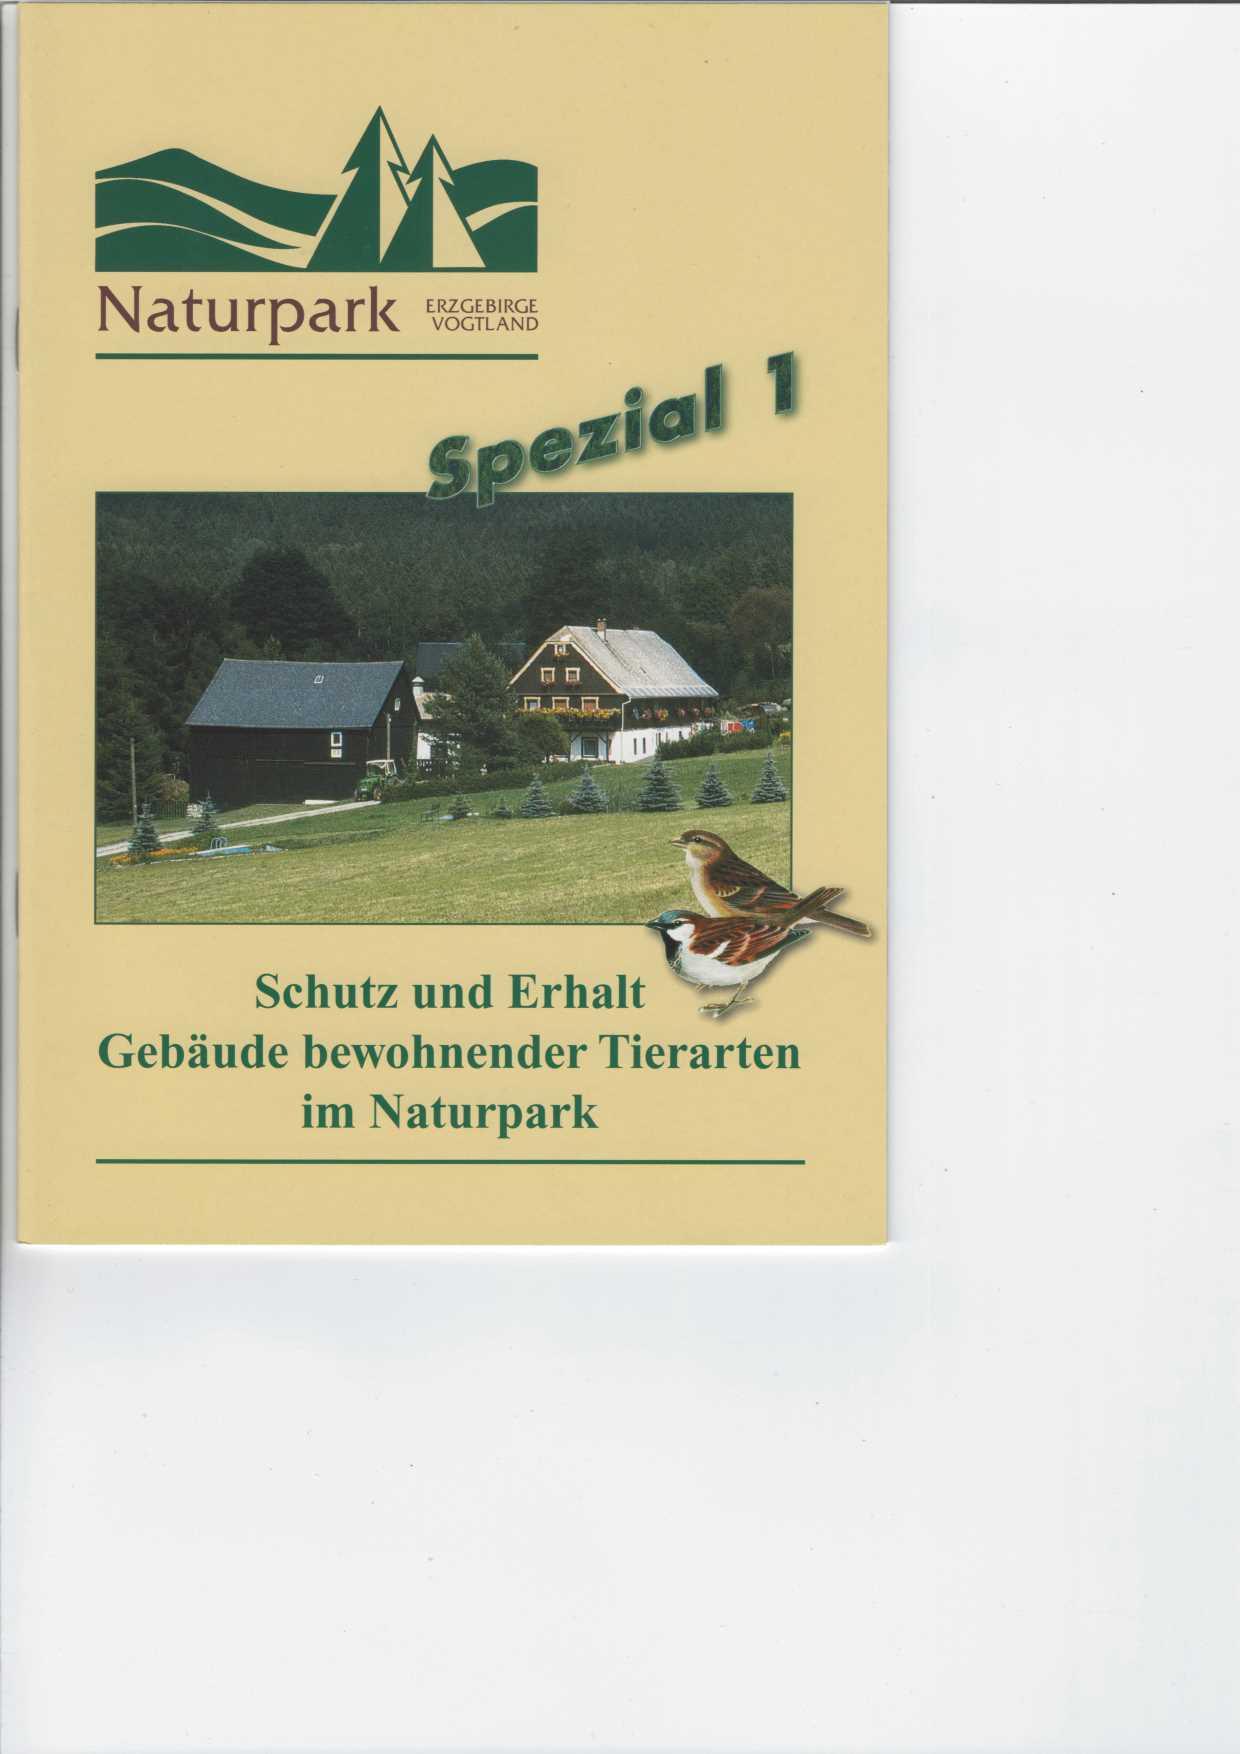 Schutz und Erhalt Gebäude bewohnender Tierarten im Naturpark. Mit Abbildungen. 3. Aufl., Schriftenreihe Spezial Nr. 1,